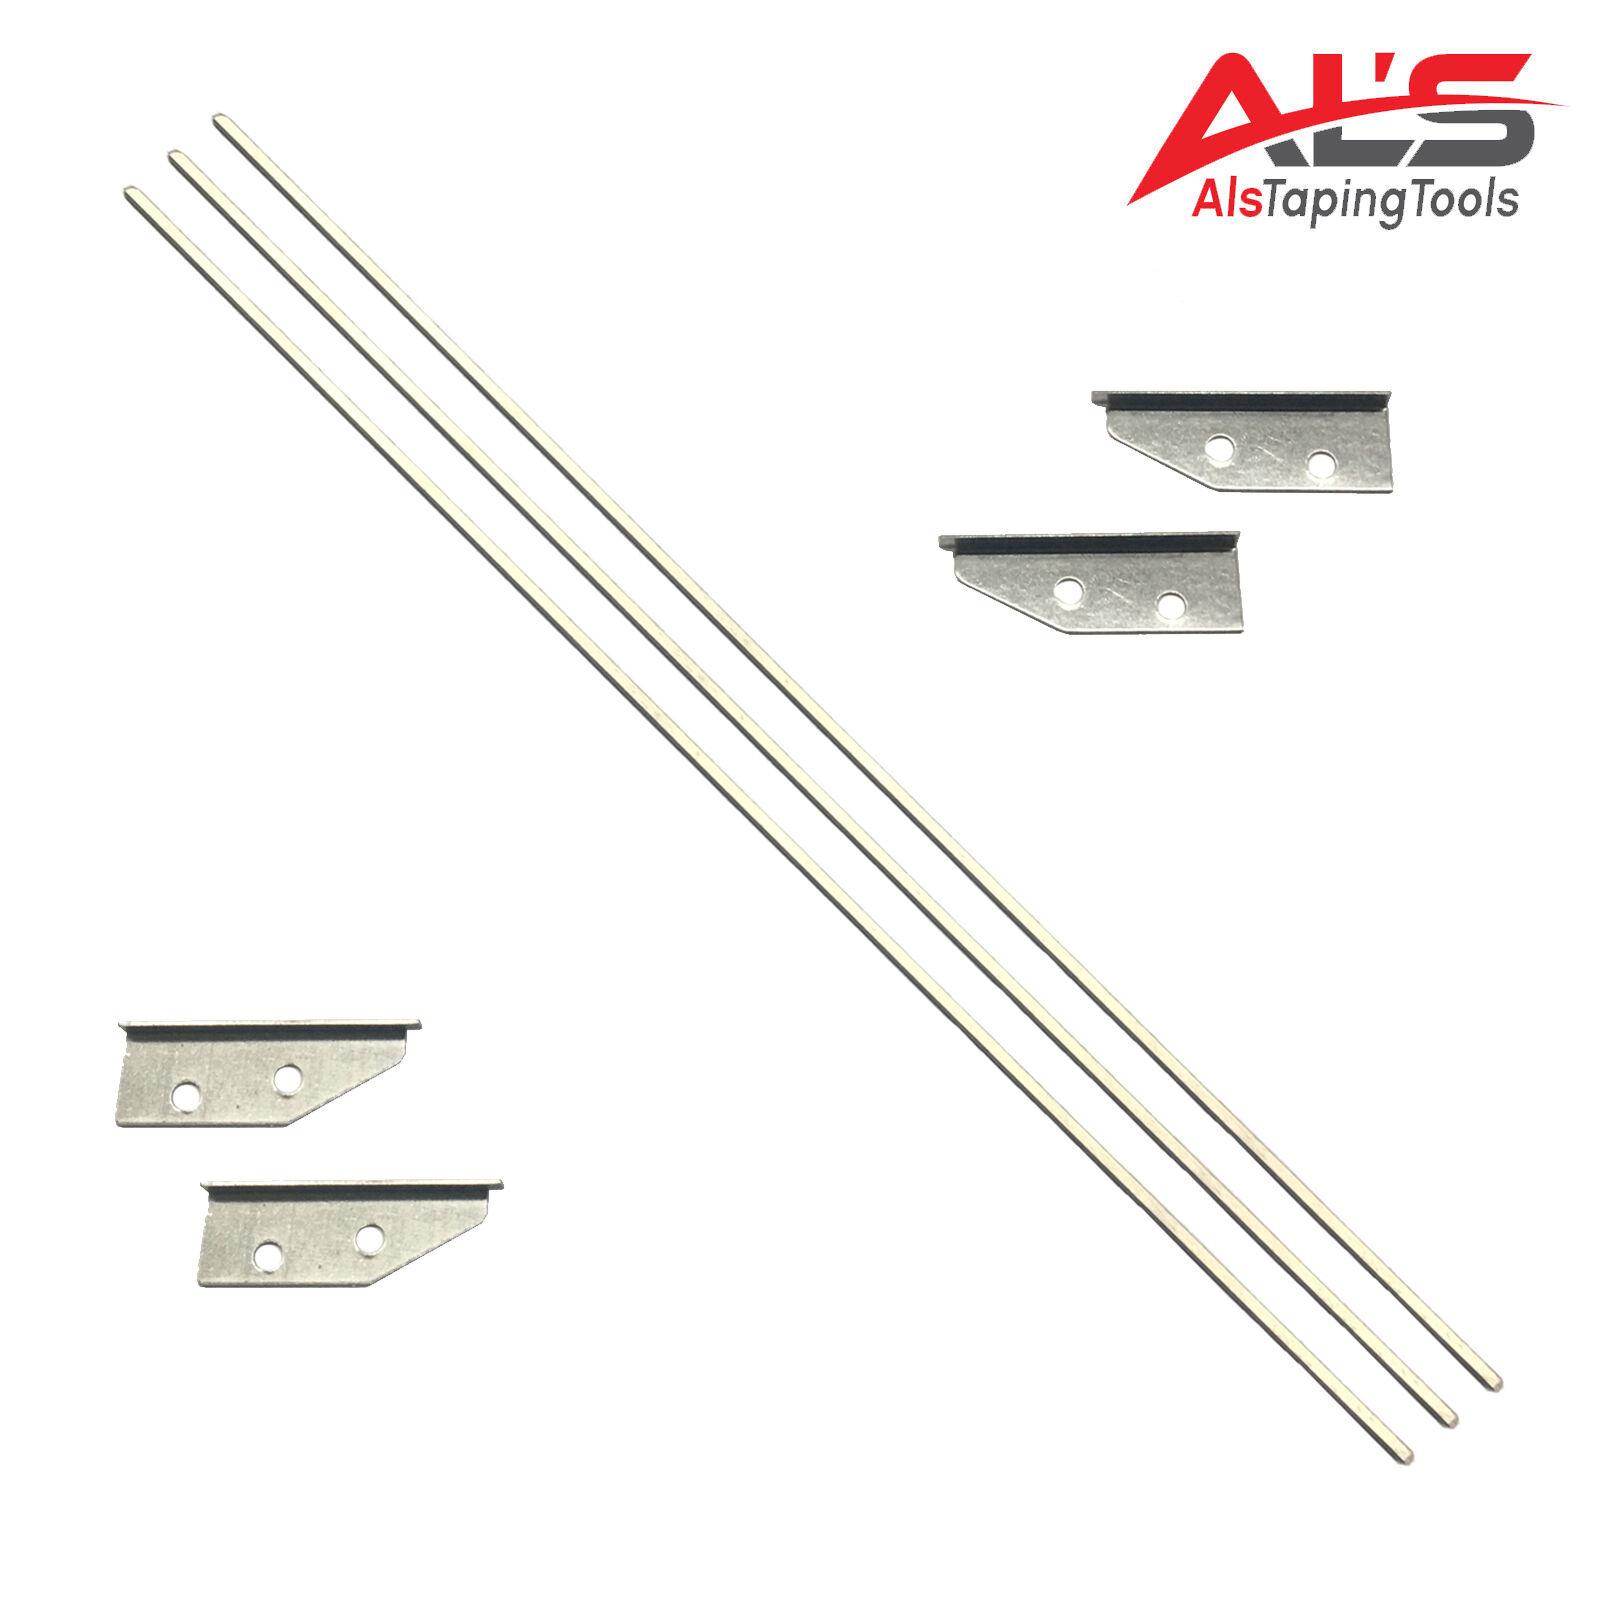 Platinum Drywall Tools 10 inch Flat Box Repair Kit